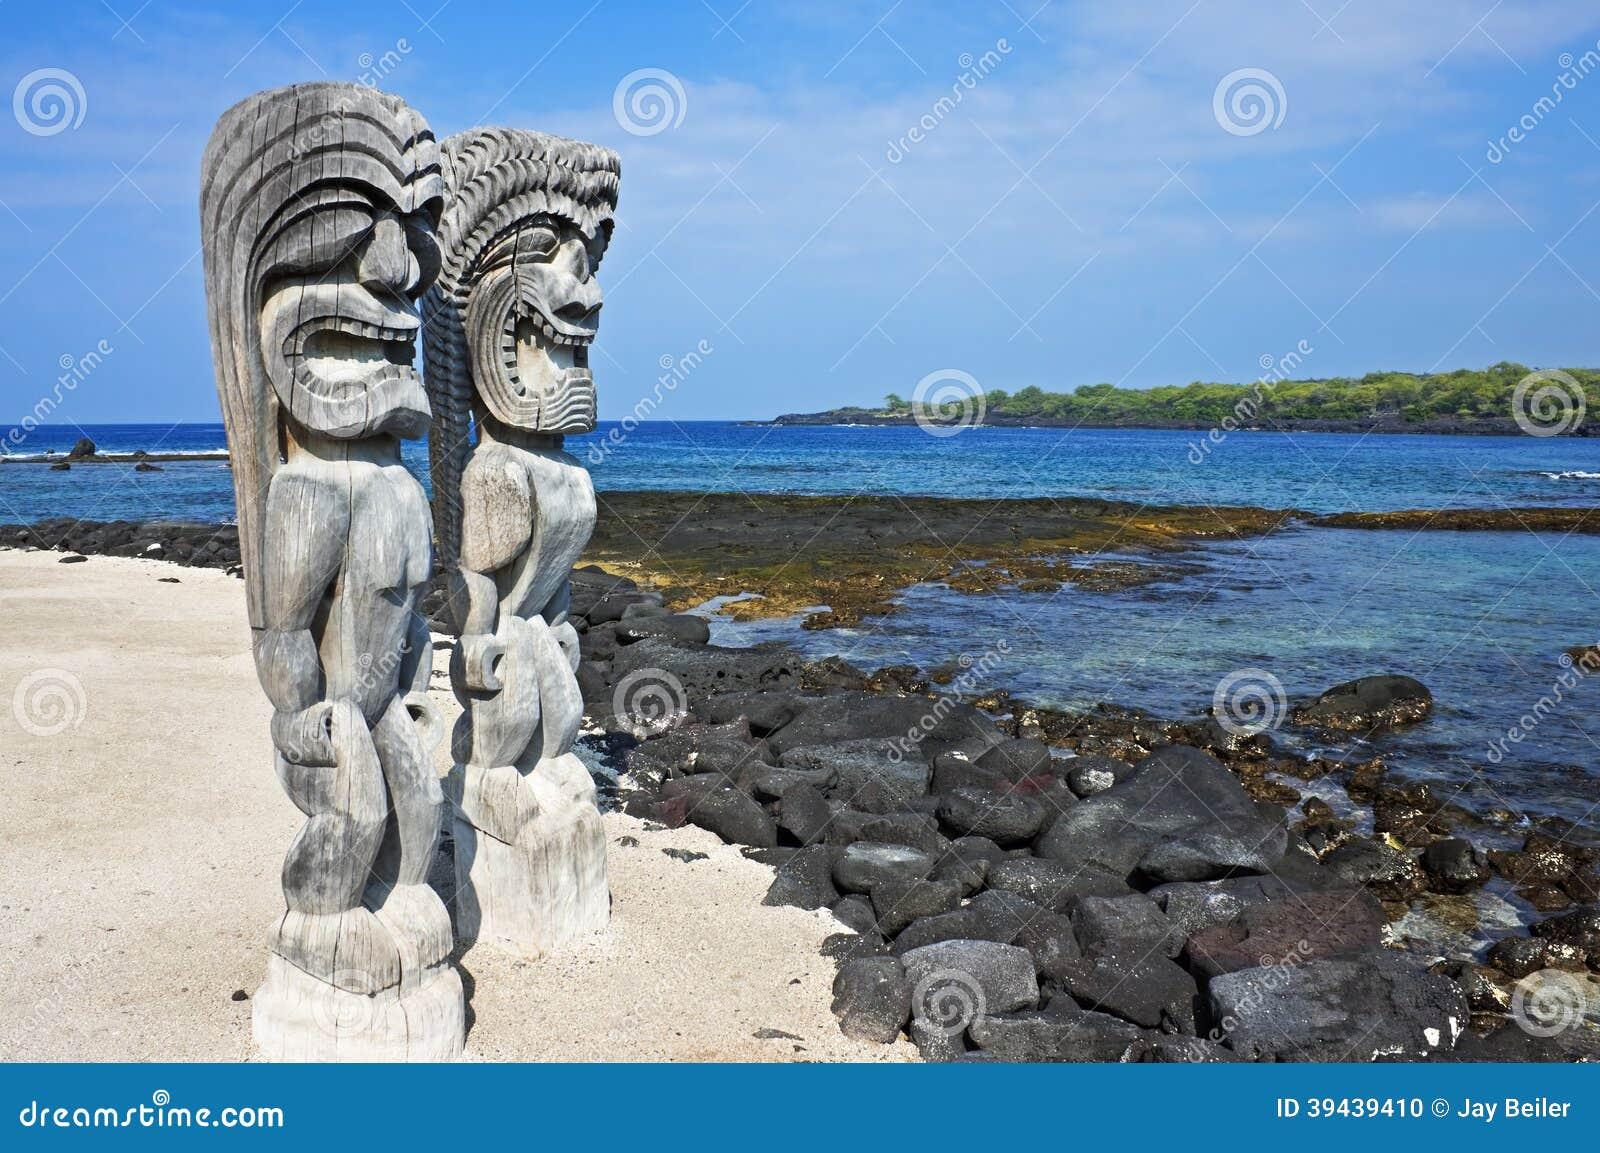 Guardians of Hawaiian royalty